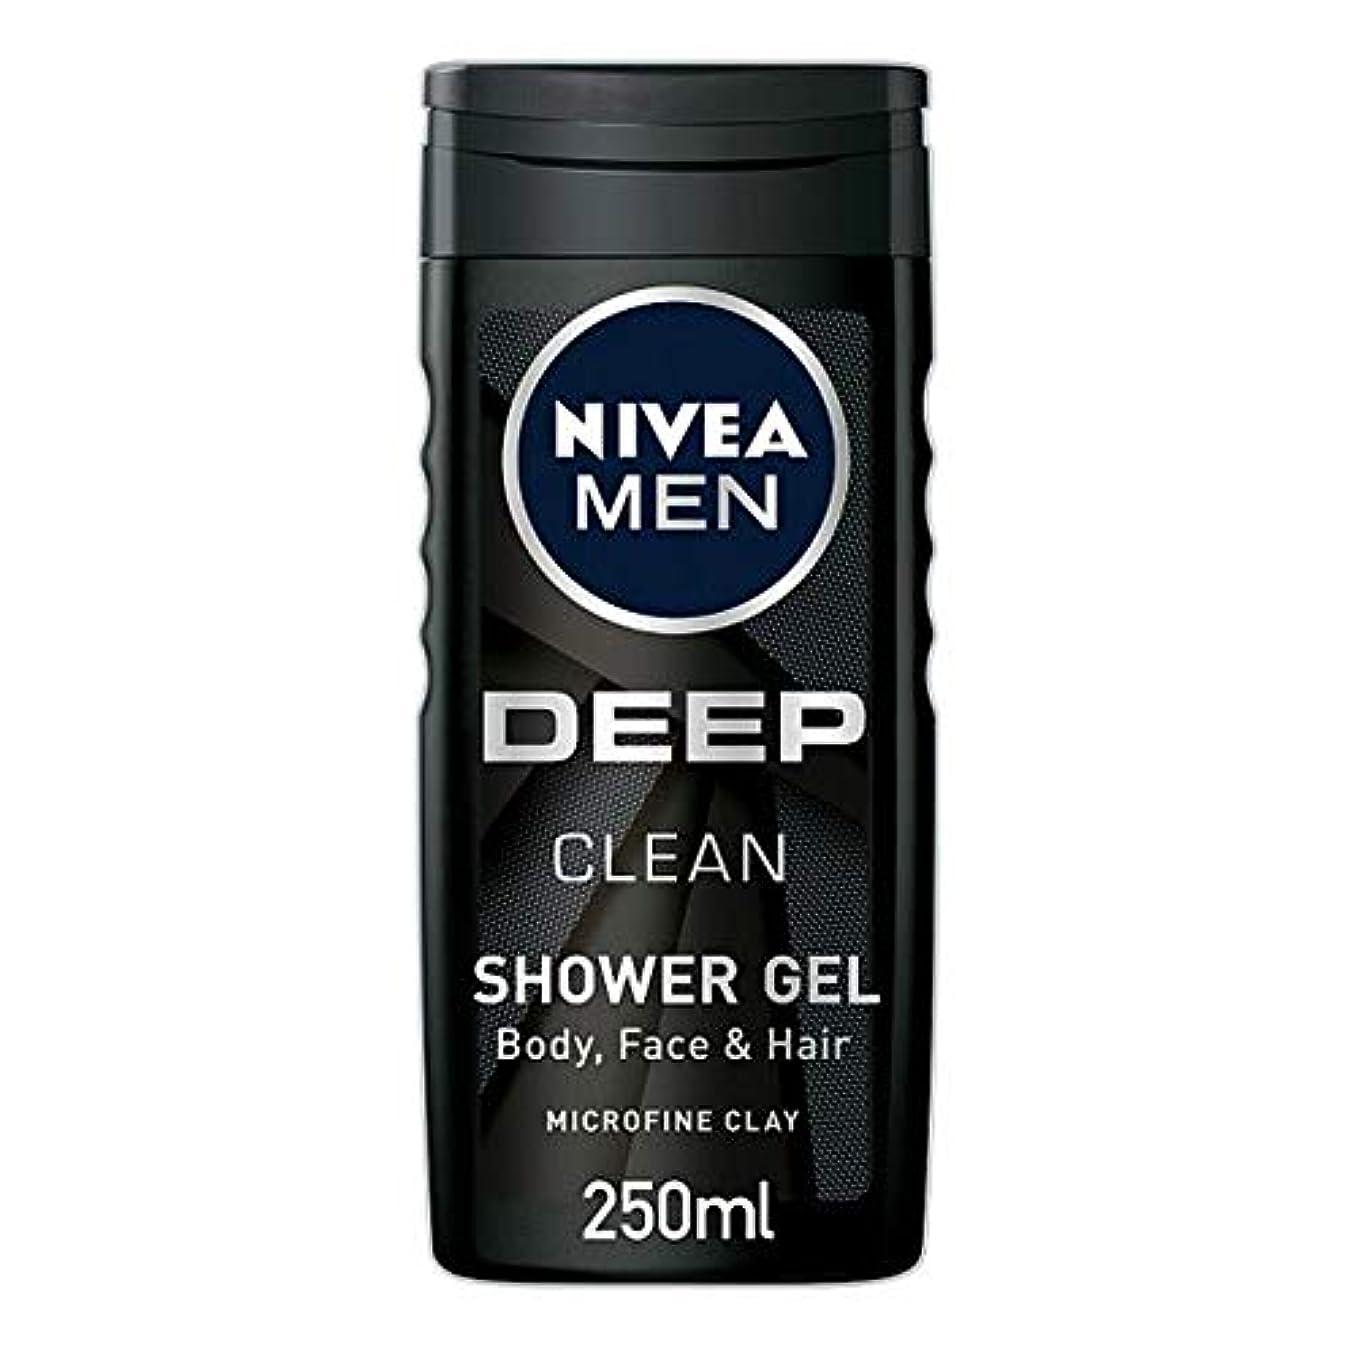 誓う残り下る[Nivea] ニベア男性用シャワージェル深いきれいな250ミリリットル - Nivea Men Shower Gel Deep Clean 250Ml [並行輸入品]